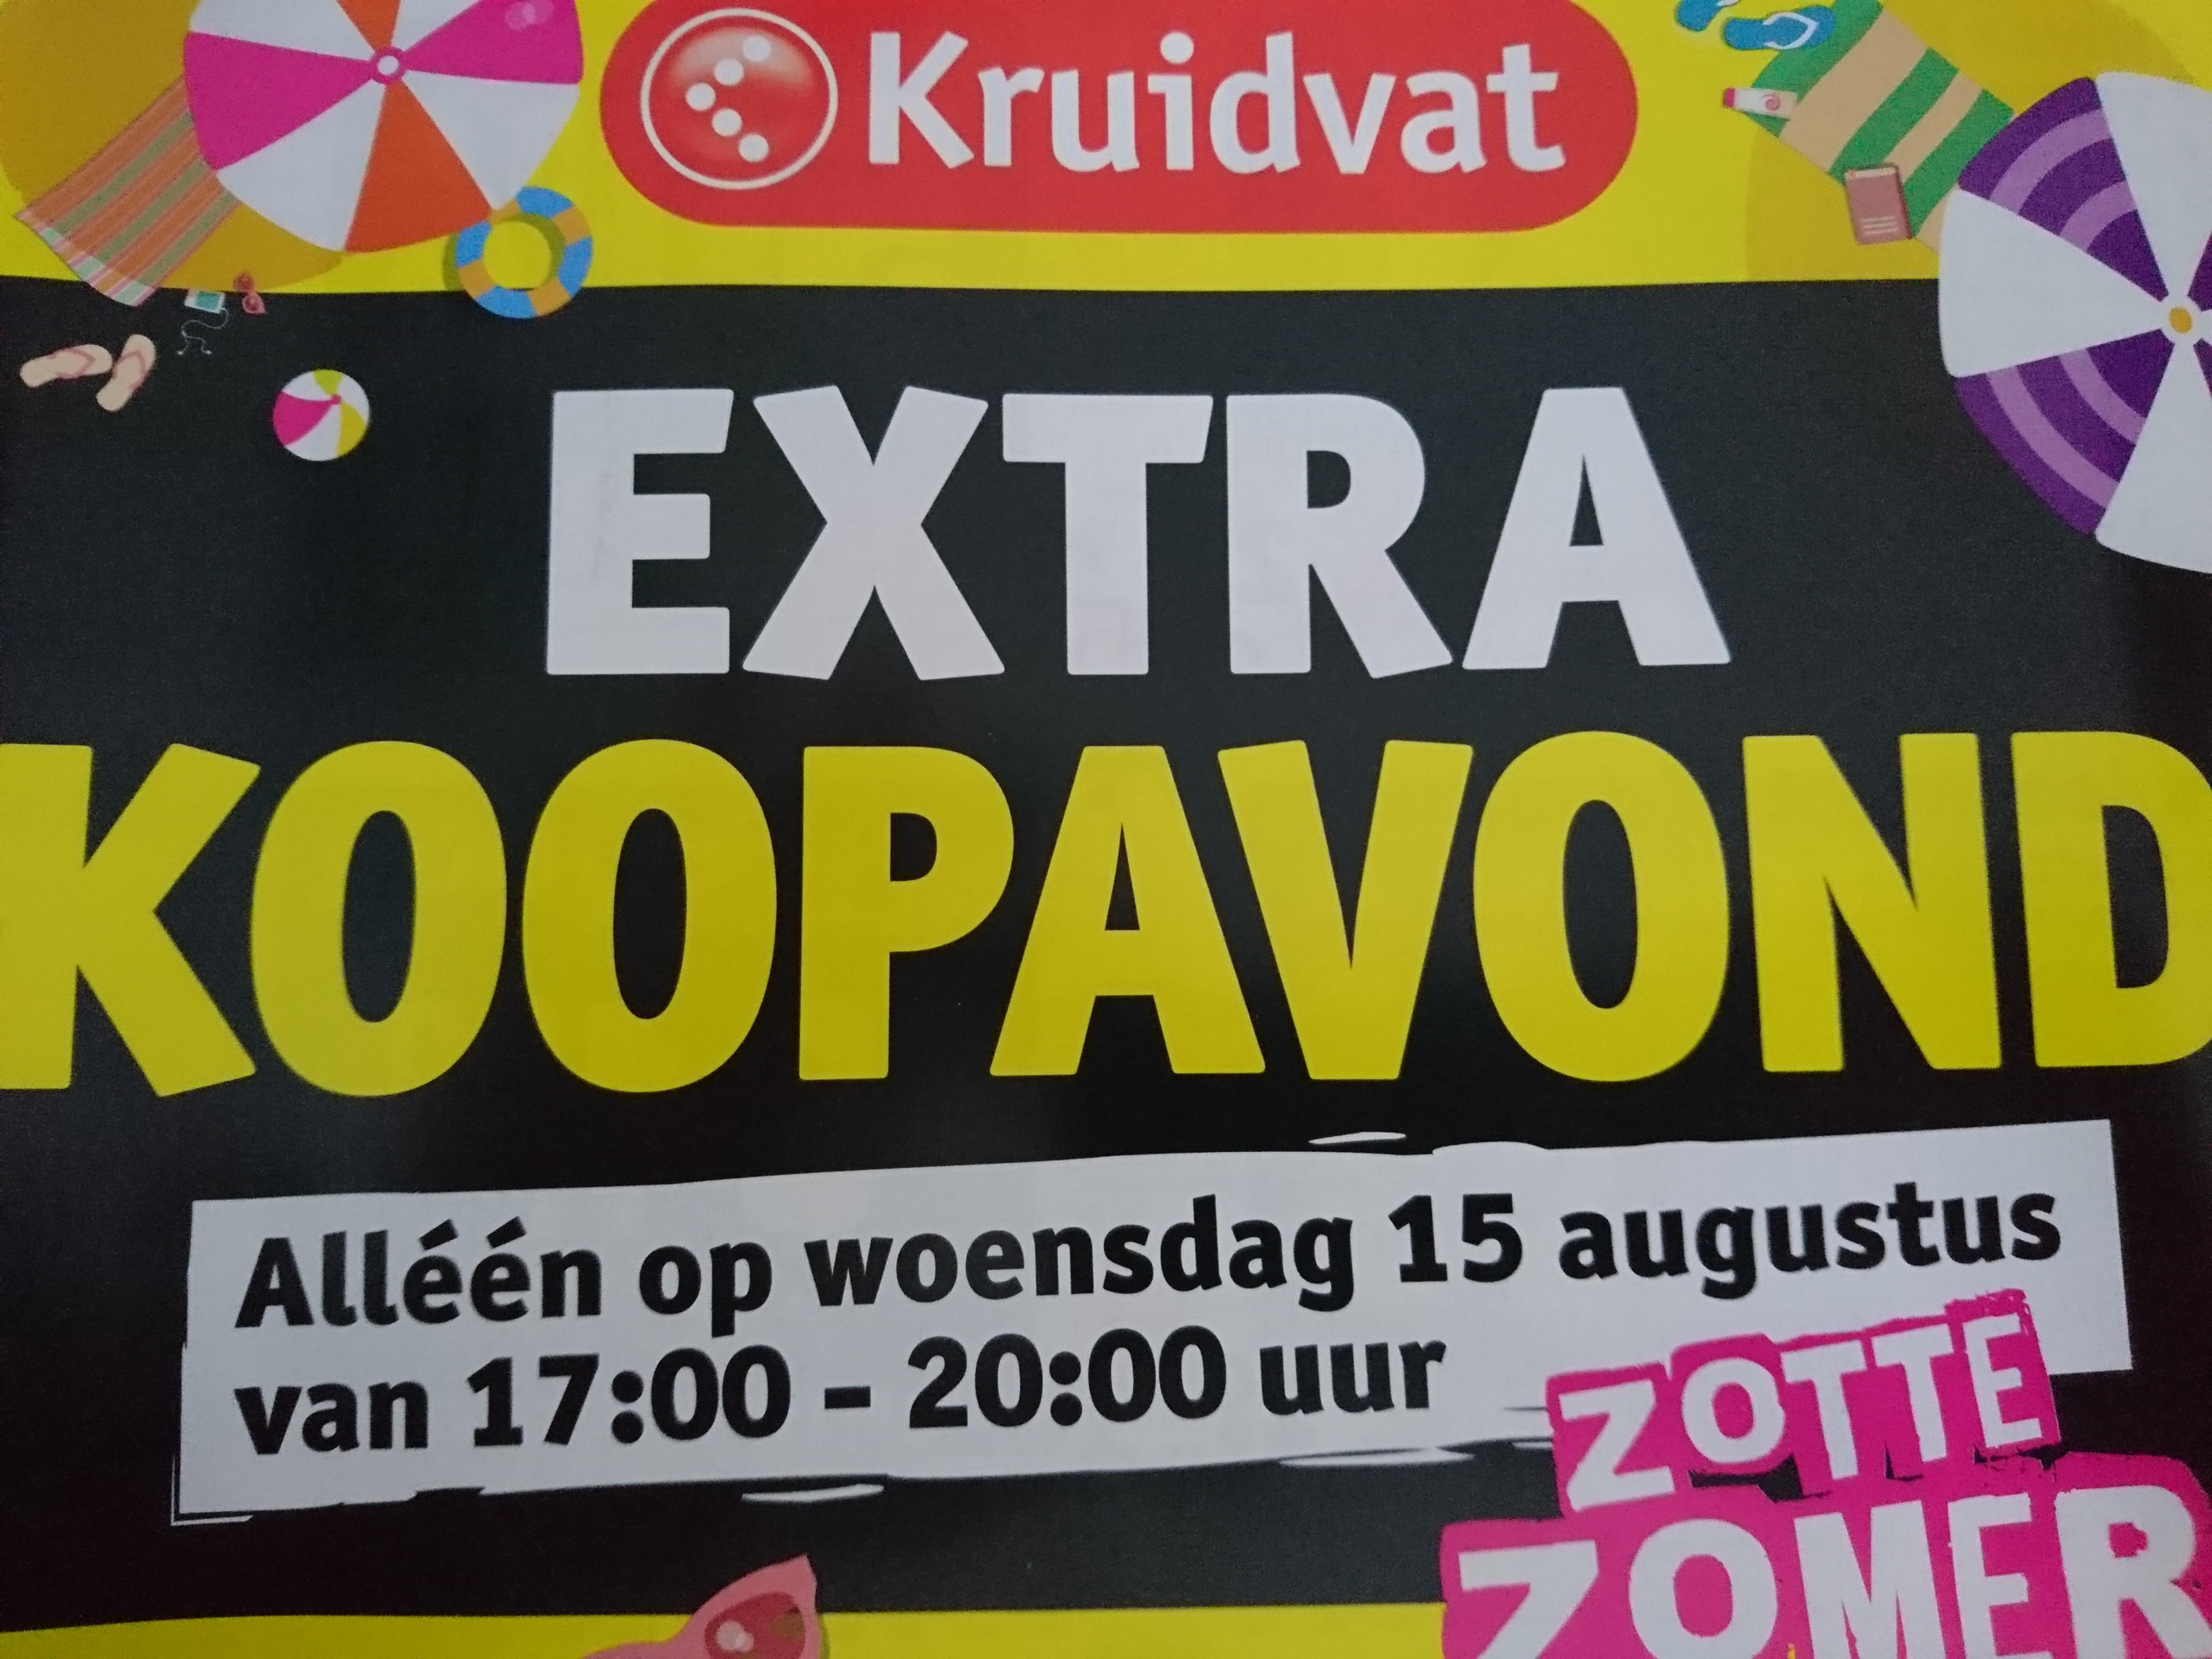 Extra koopavond op woensdag 15 augustus @ Kruidvat